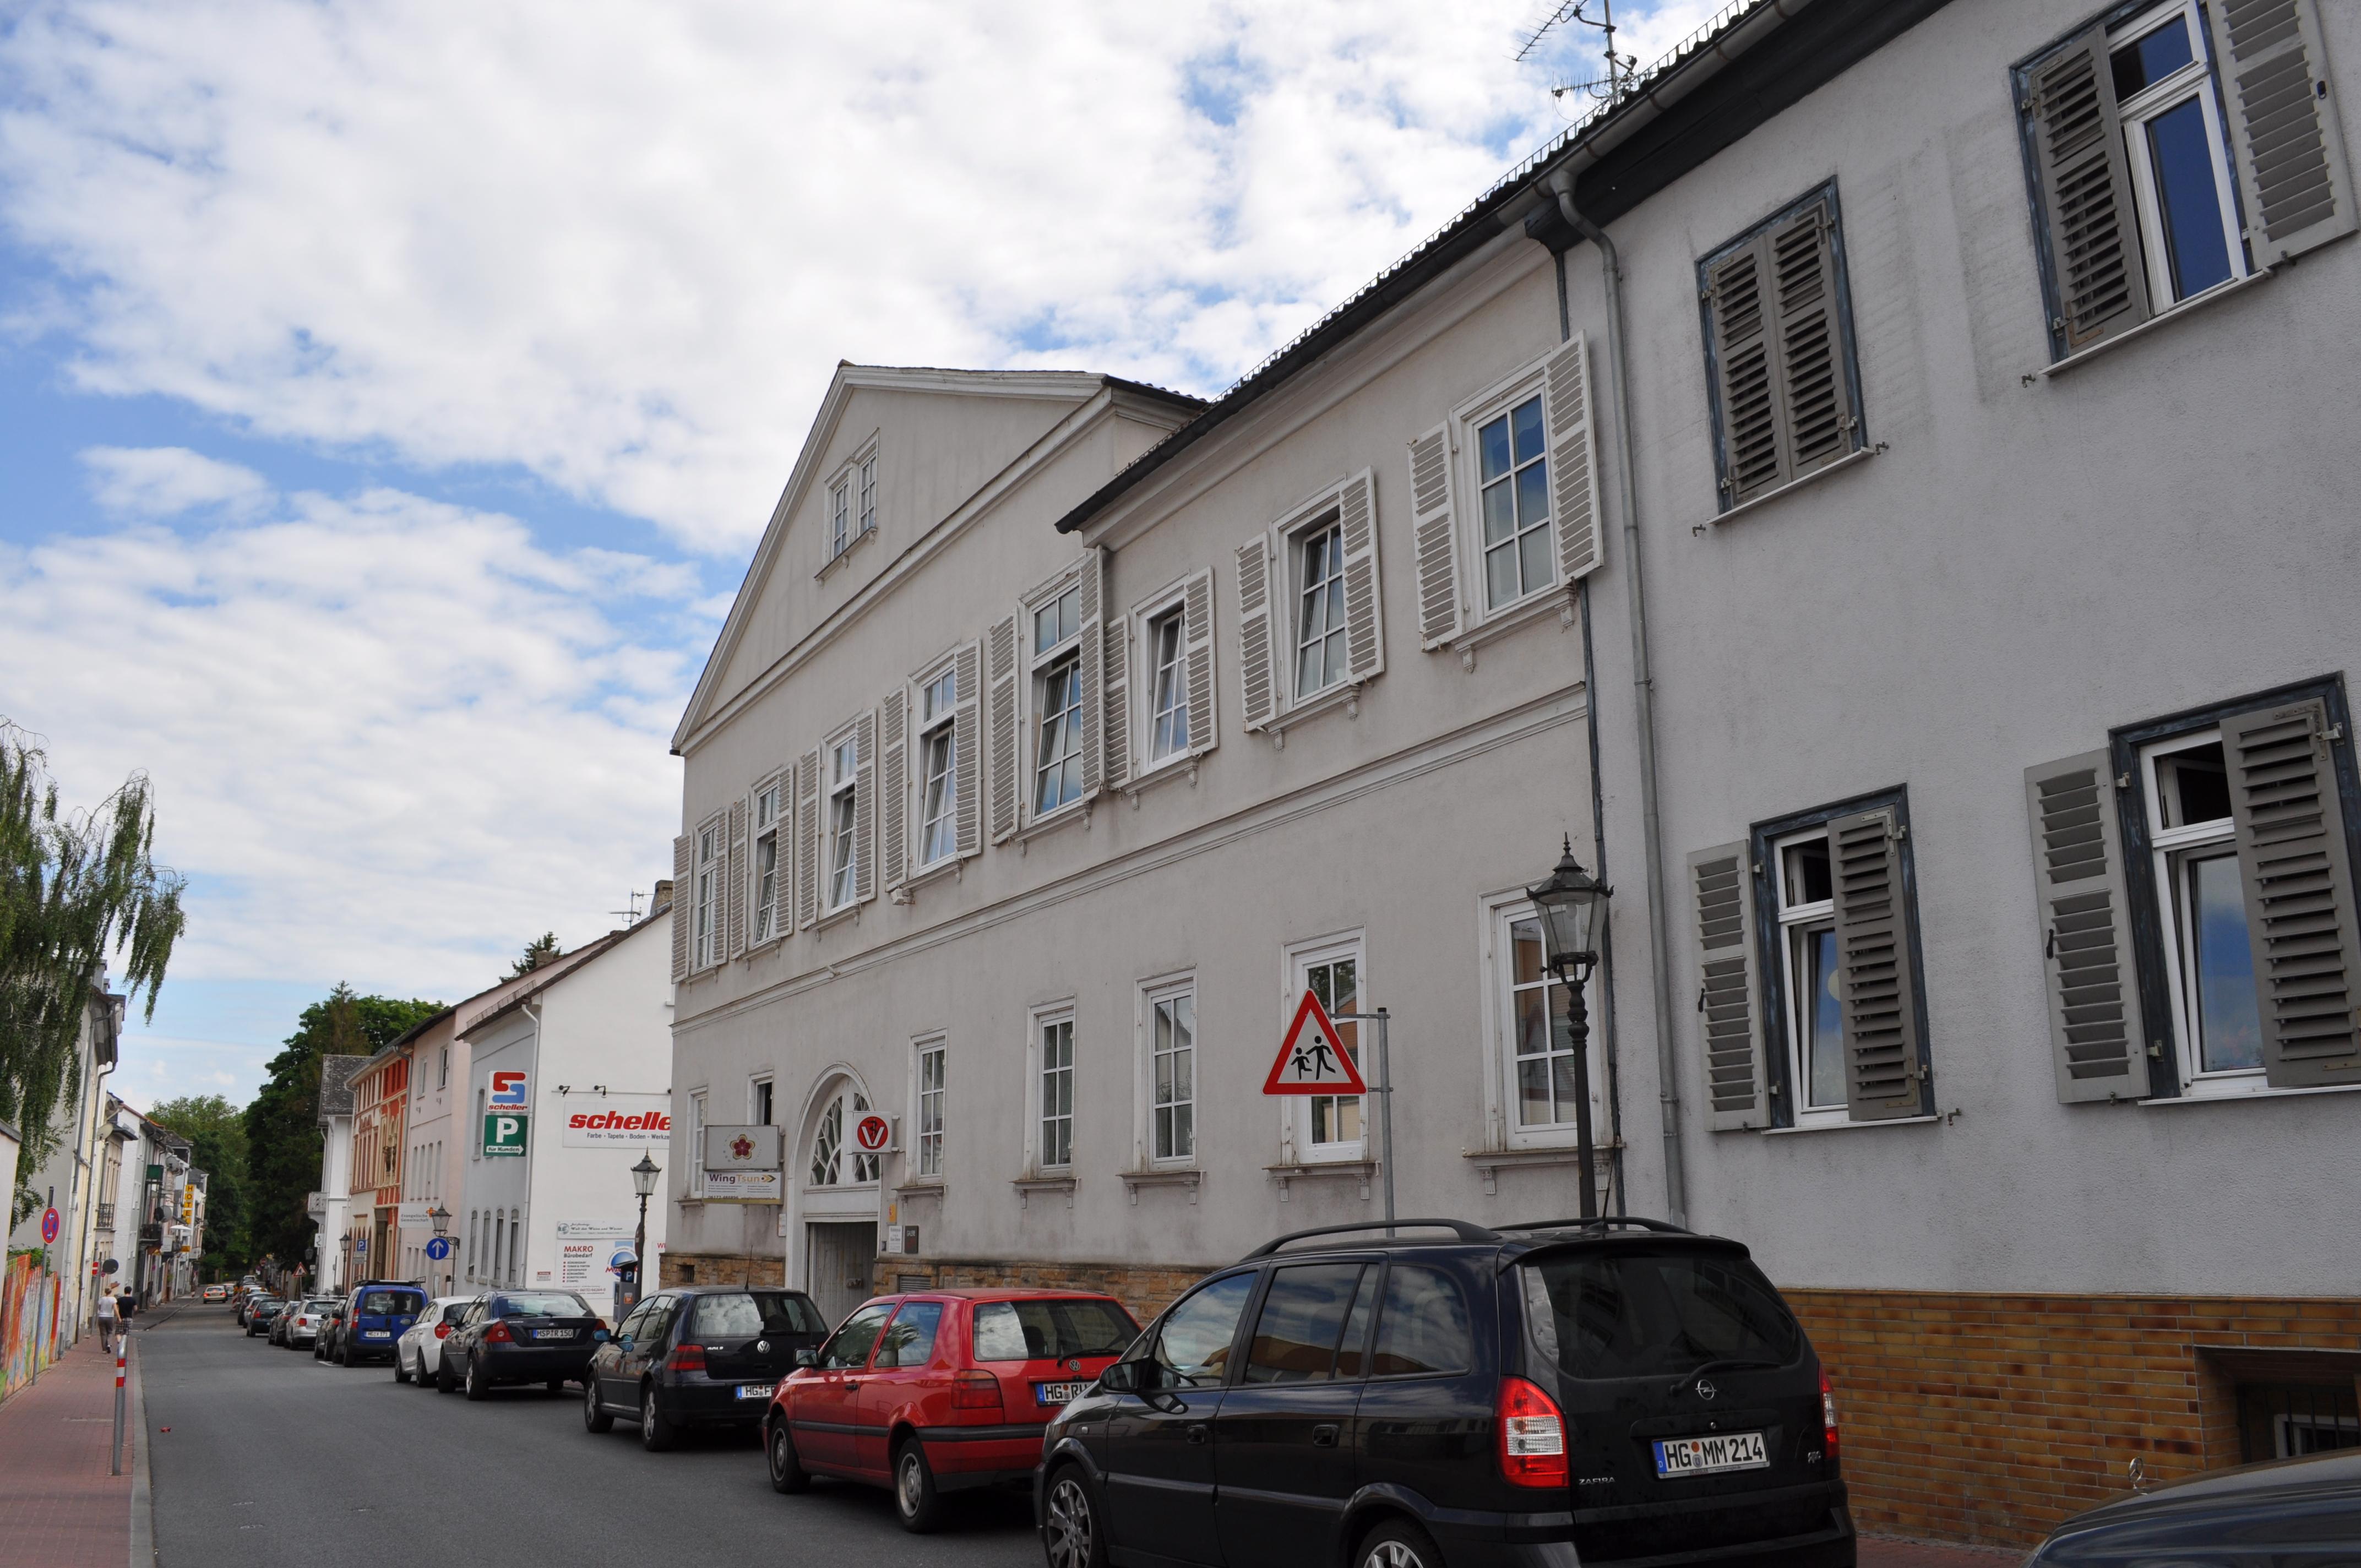 Farben Scheller Bad Homburg.Datei Bad Homburg Elisabethenstraße 19a Jpg Wikipedia